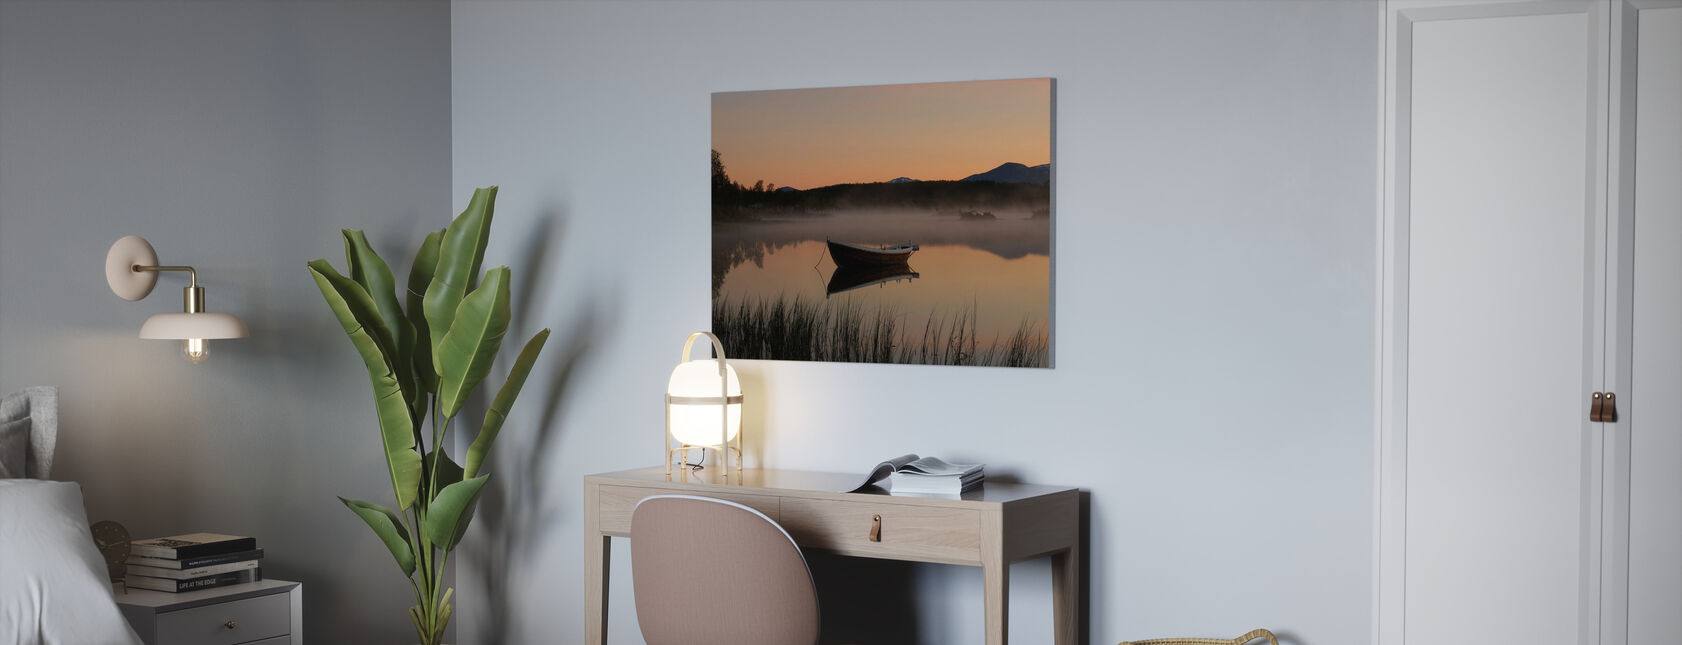 Vredige avond aan het meer, Senja Noorwegen - Canvas print - Kantoor